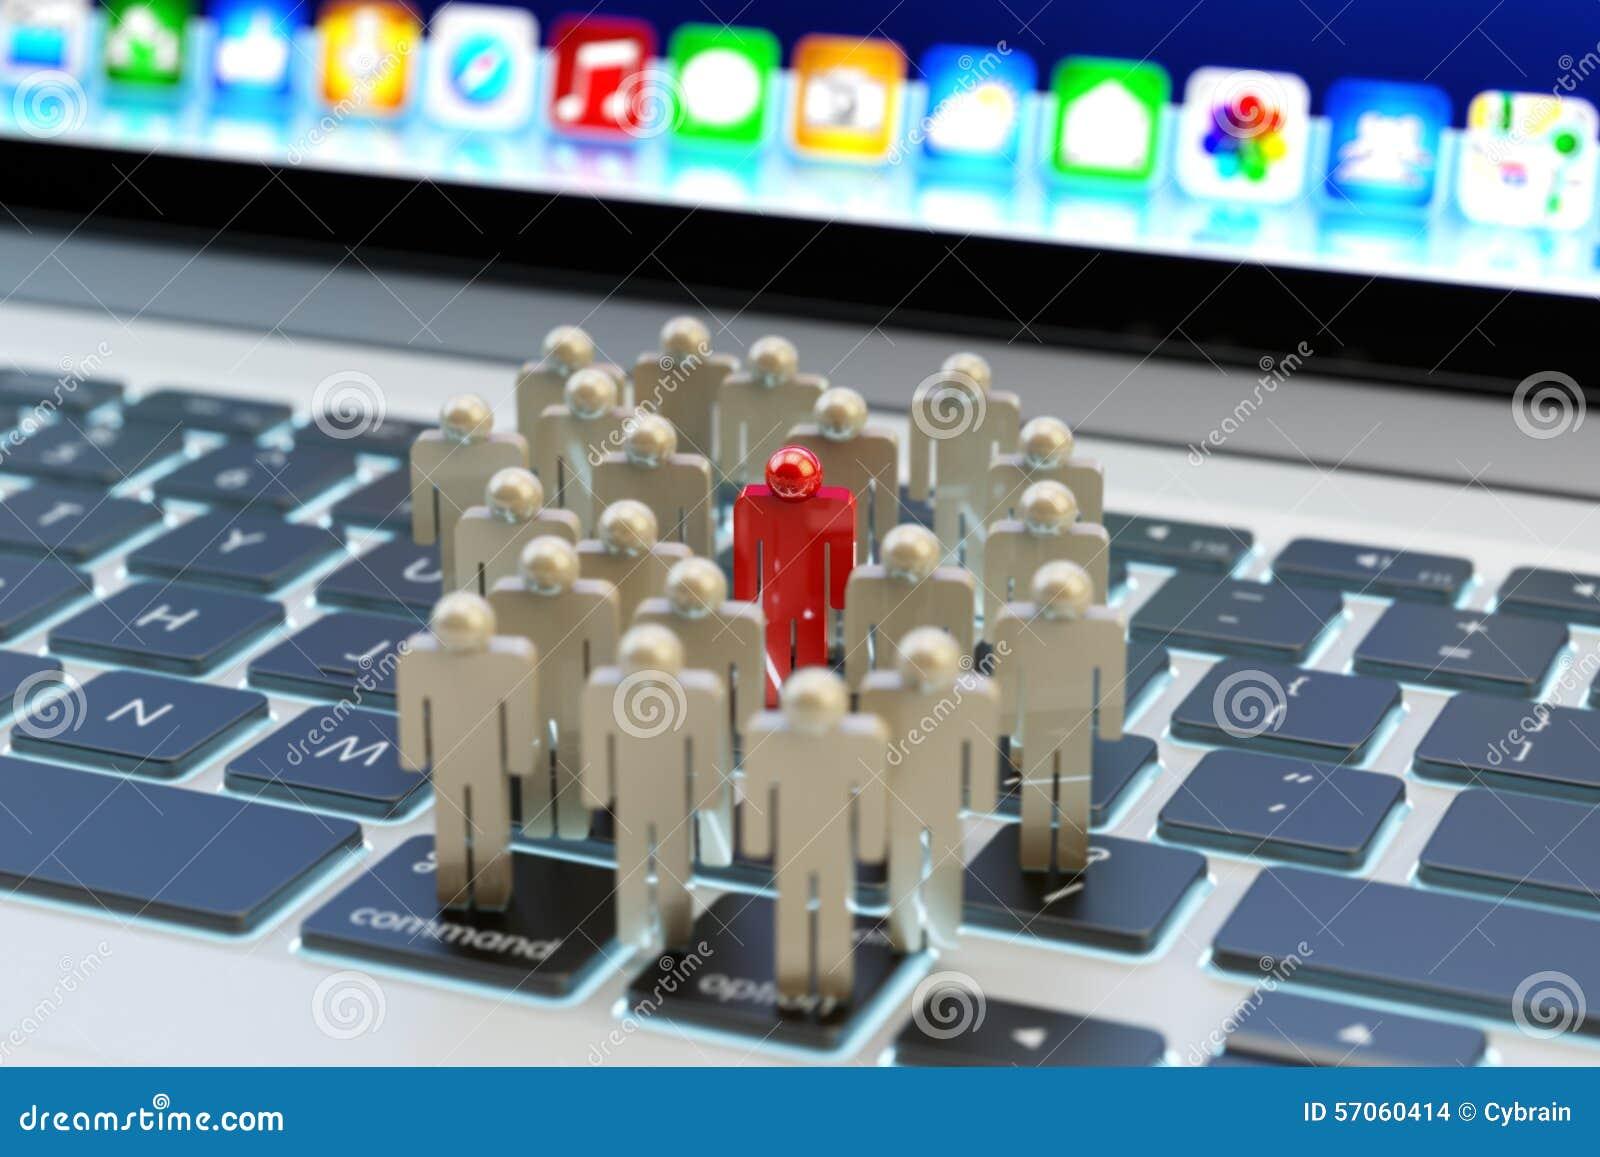 De media van Internet sociale netwerkgemeenschap en zaken die en concept op de markt brengen richten